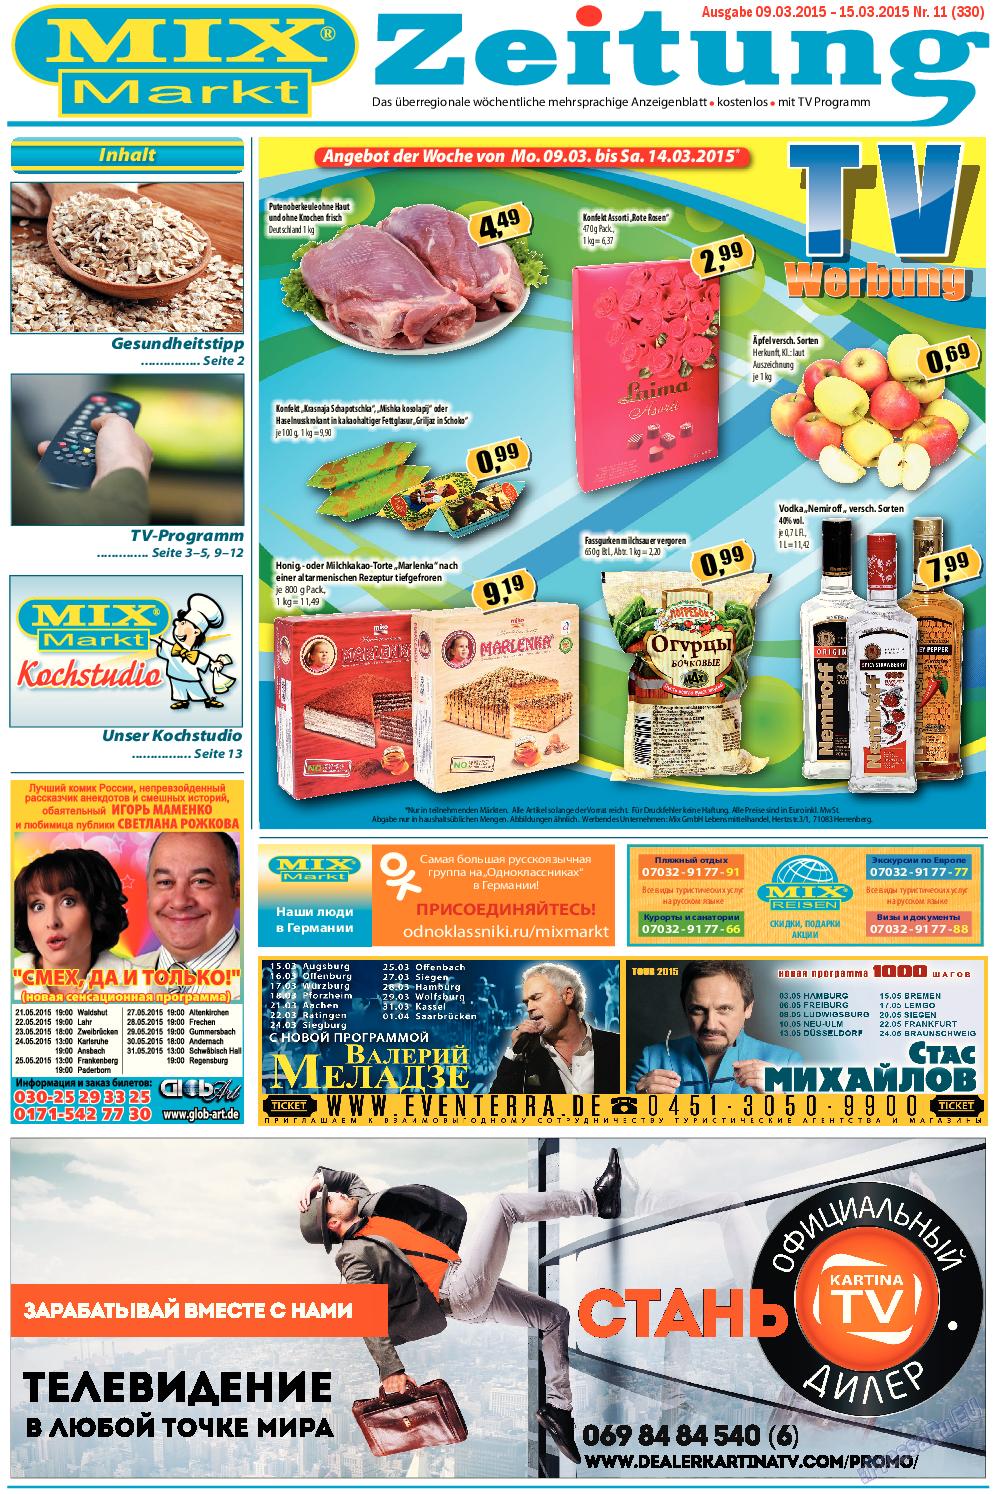 MIX-Markt Zeitung (газета). 2015 год, номер 11, стр. 1